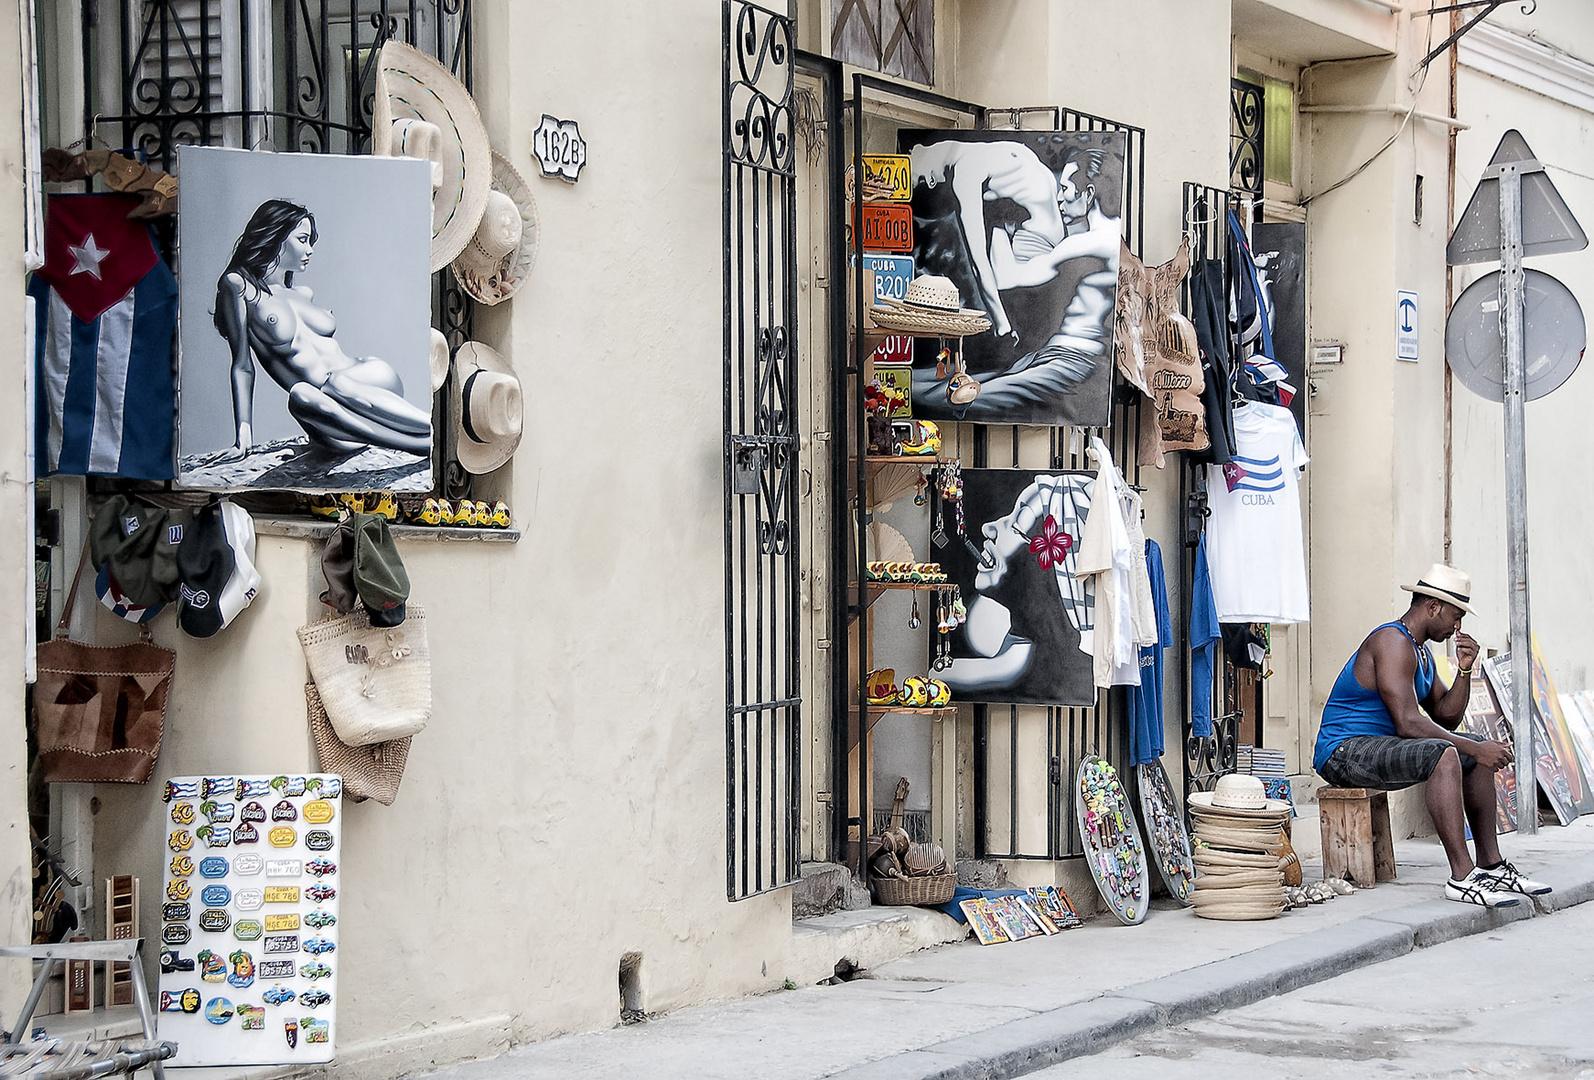 La Habana - 11